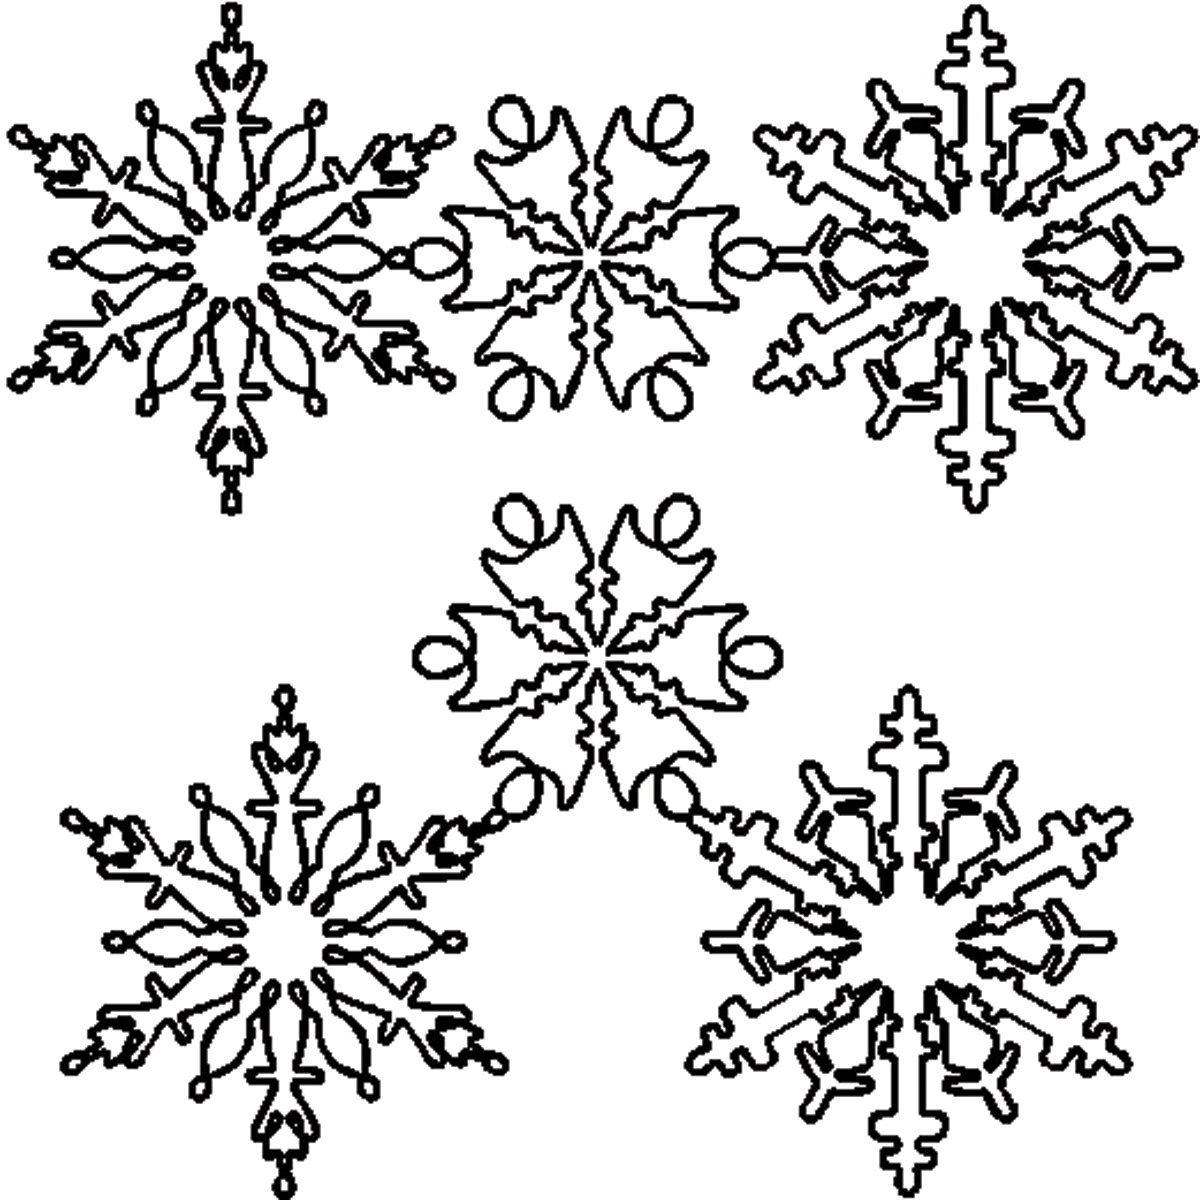 Coloriage Flocon de Neige #23 (Nature) - Coloriages à imprimer